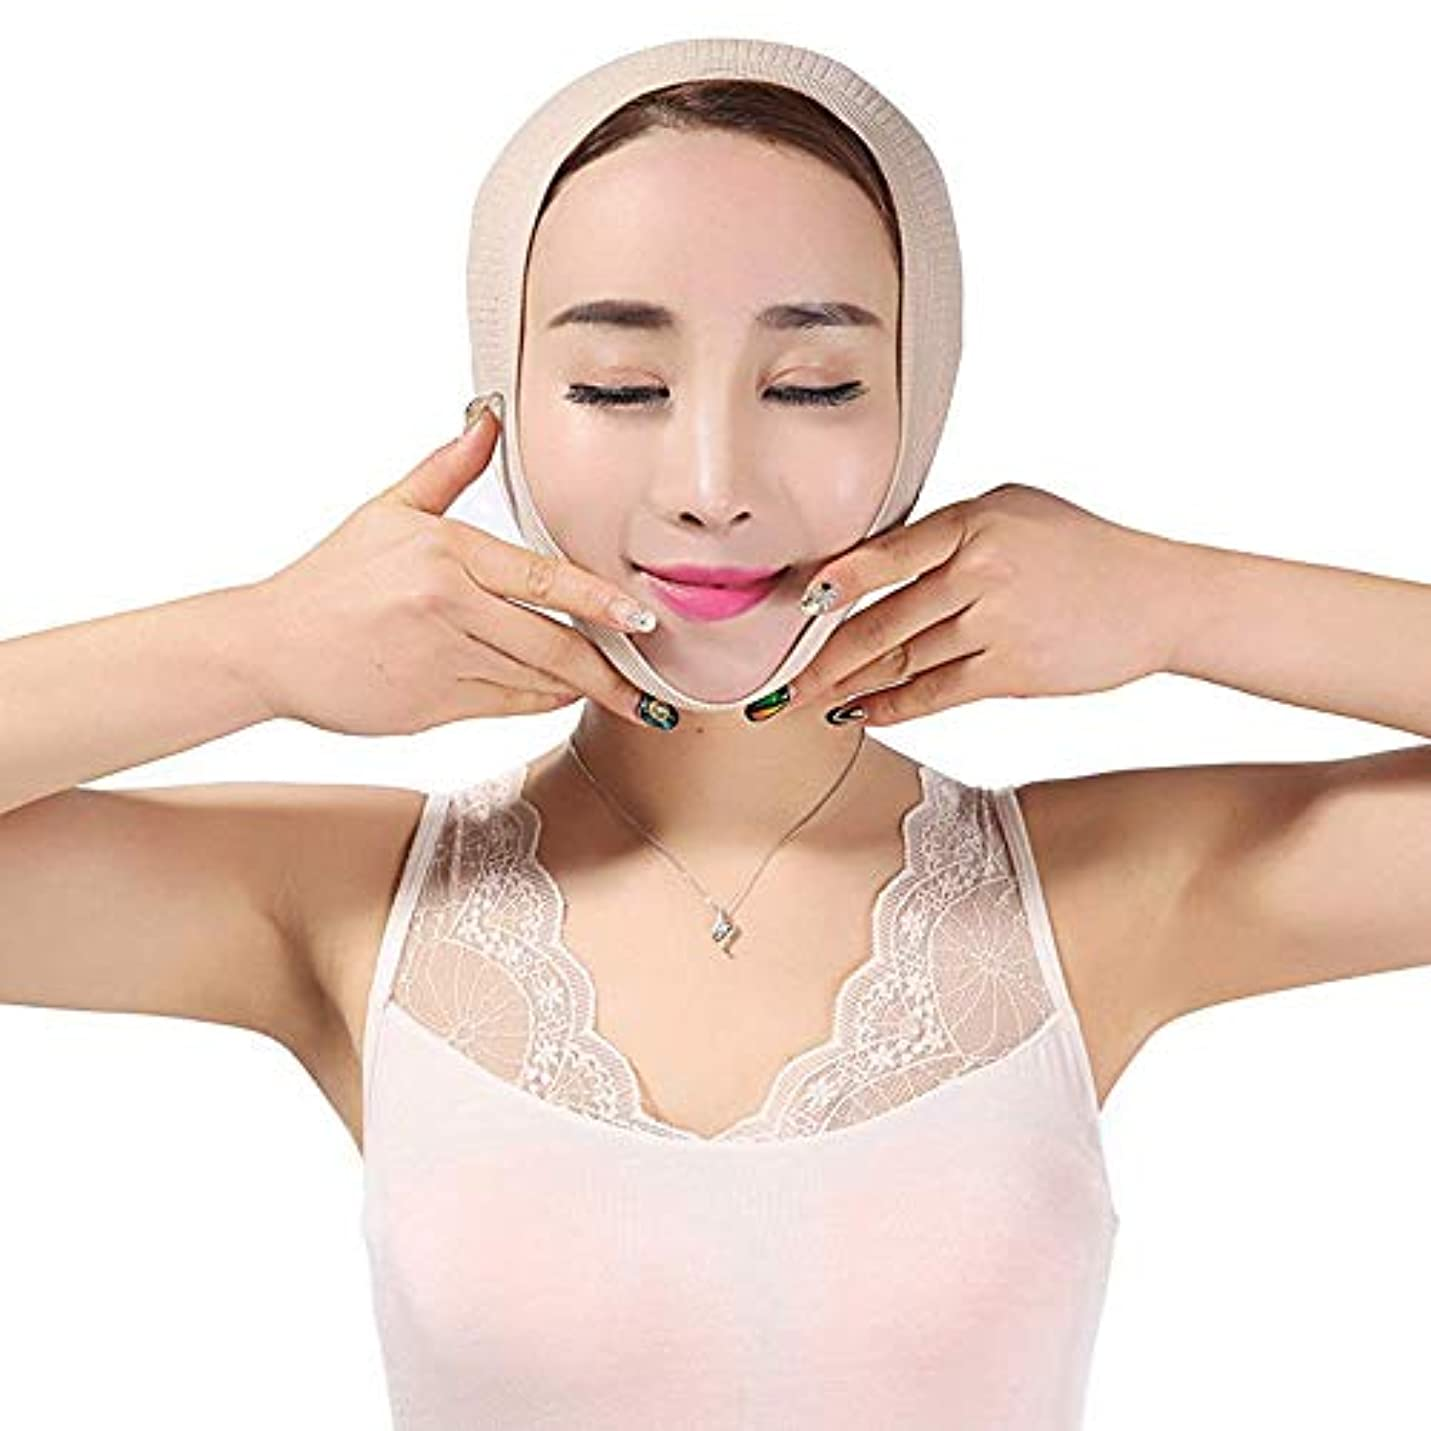 スポークスマンサンダース三番薄い顔の器械のマスクの改装の包帯Vの表面持ち上がることの引き締めの美顔術の二重最大の顔のマッサージャー